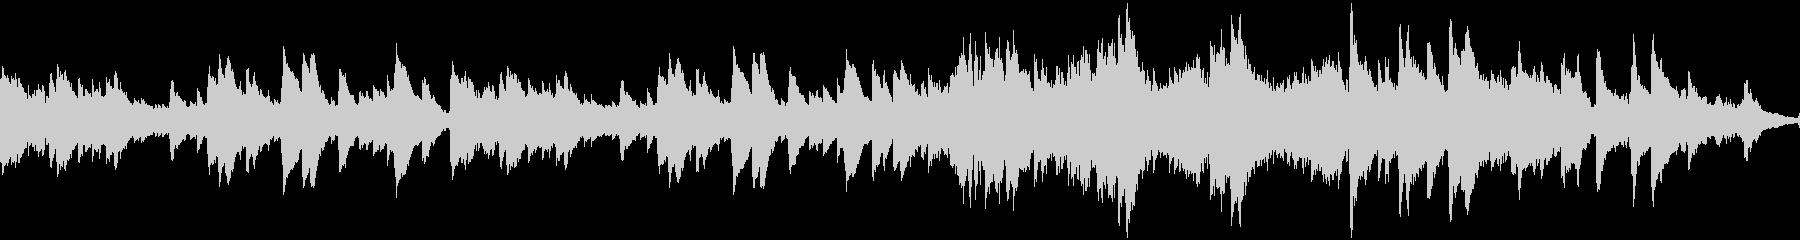 チェレスタの切ない小曲・ループの未再生の波形